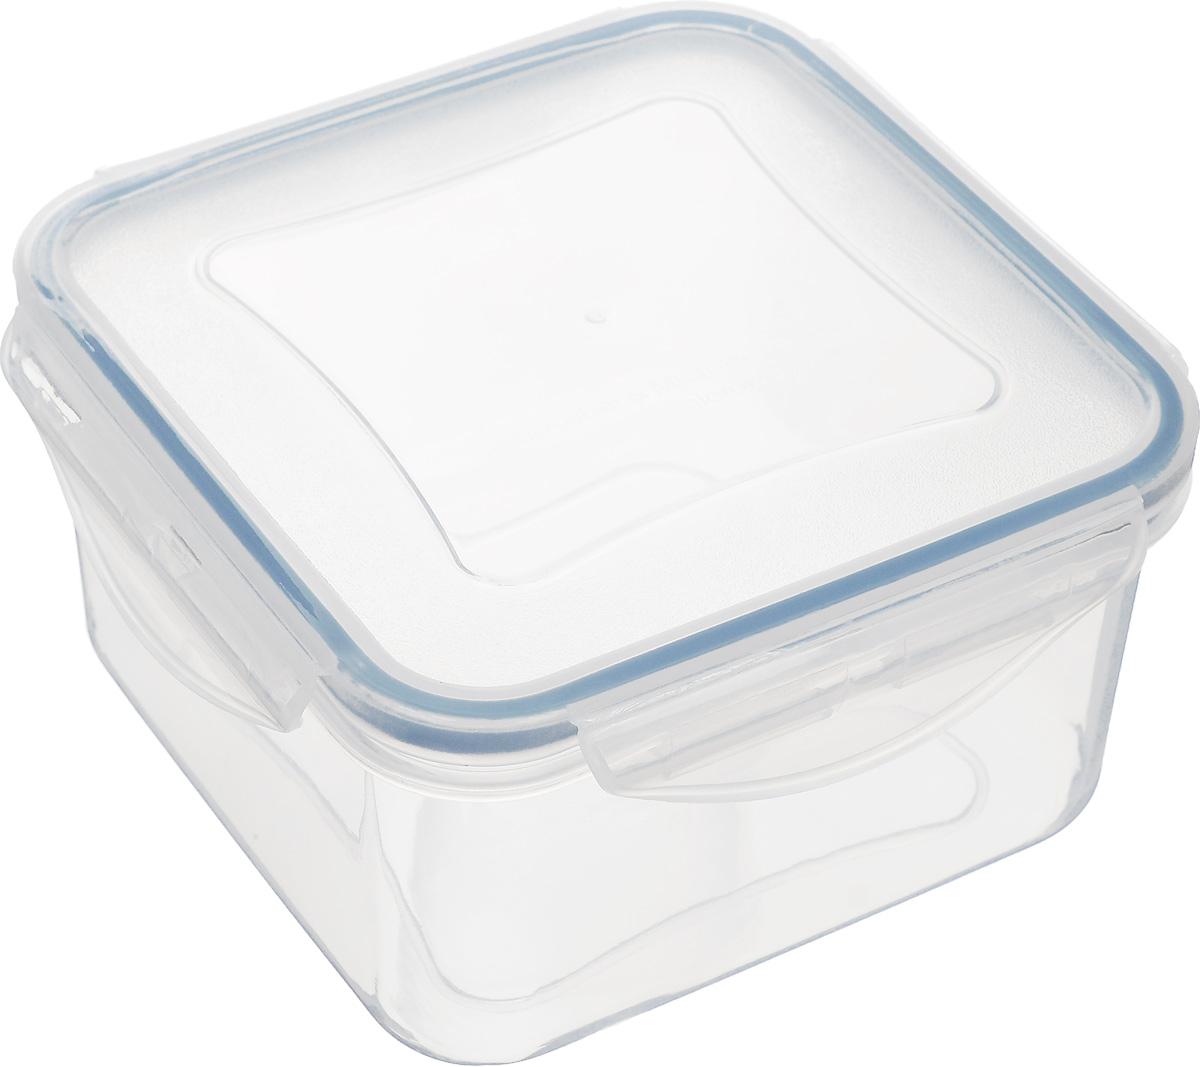 Контейнер Tescoma Freshbox, 700 мл892012Контейнер Tescoma Freshbox, изготовленный из прочного пластика, отлично подходит для хранения и разогрева блюд. Герметичная крышка имеет силиконовый уплотнитель, пища остается свежей дольше и не протекает при перевозке. Подходит для холодильника, морозильных камер, микроволновой печи и посудомоечной машины.